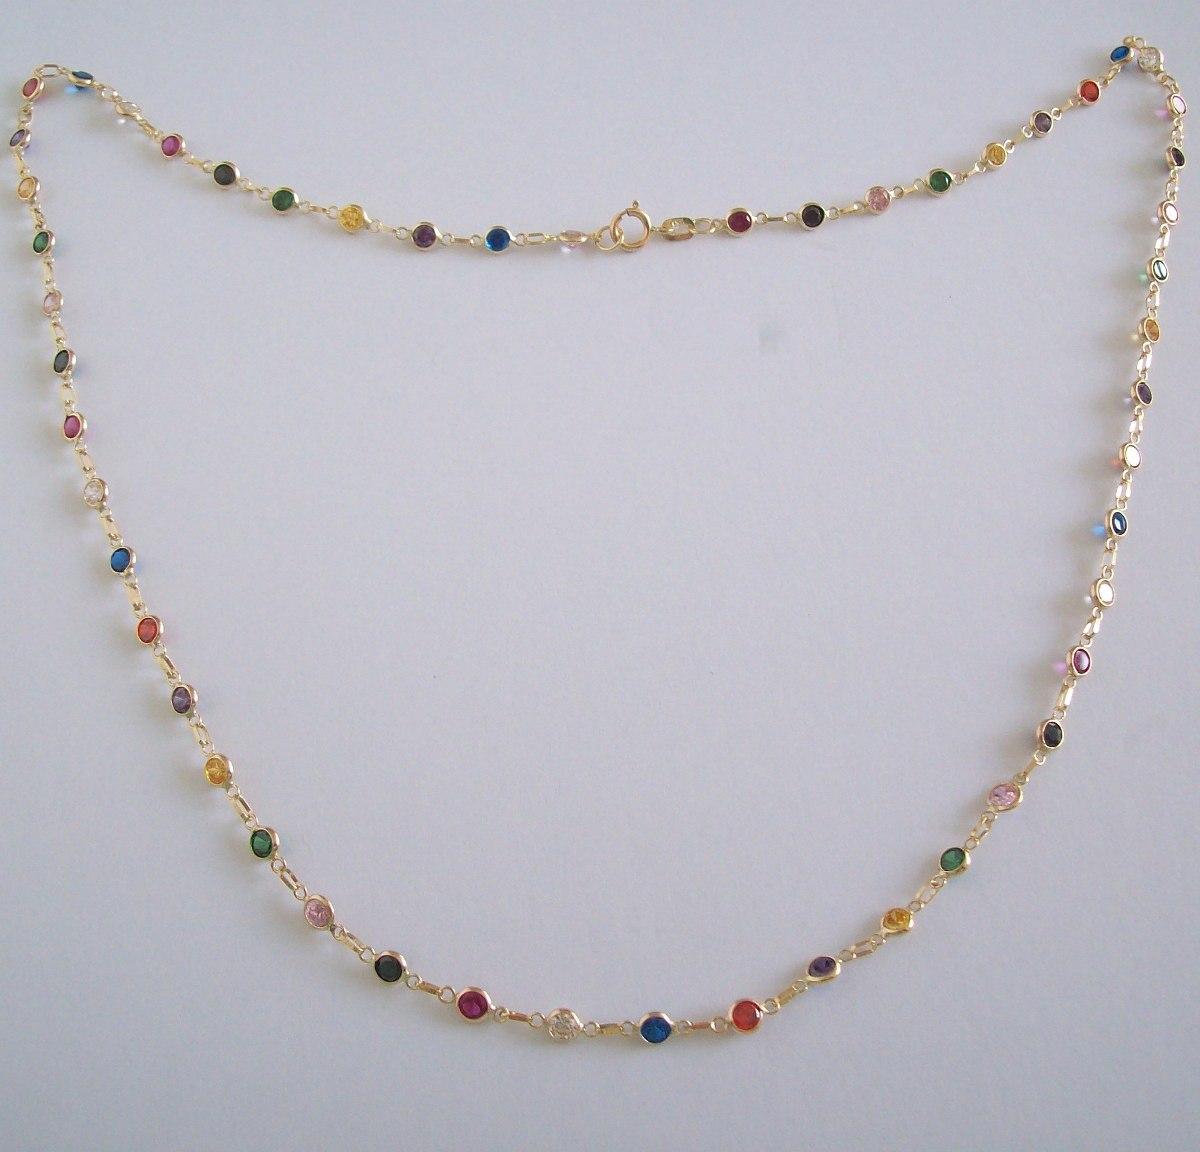 Colar De Ouro 18k Com Pedras De Zircônias Coloridas - R  779,99 em ... 961ed06821